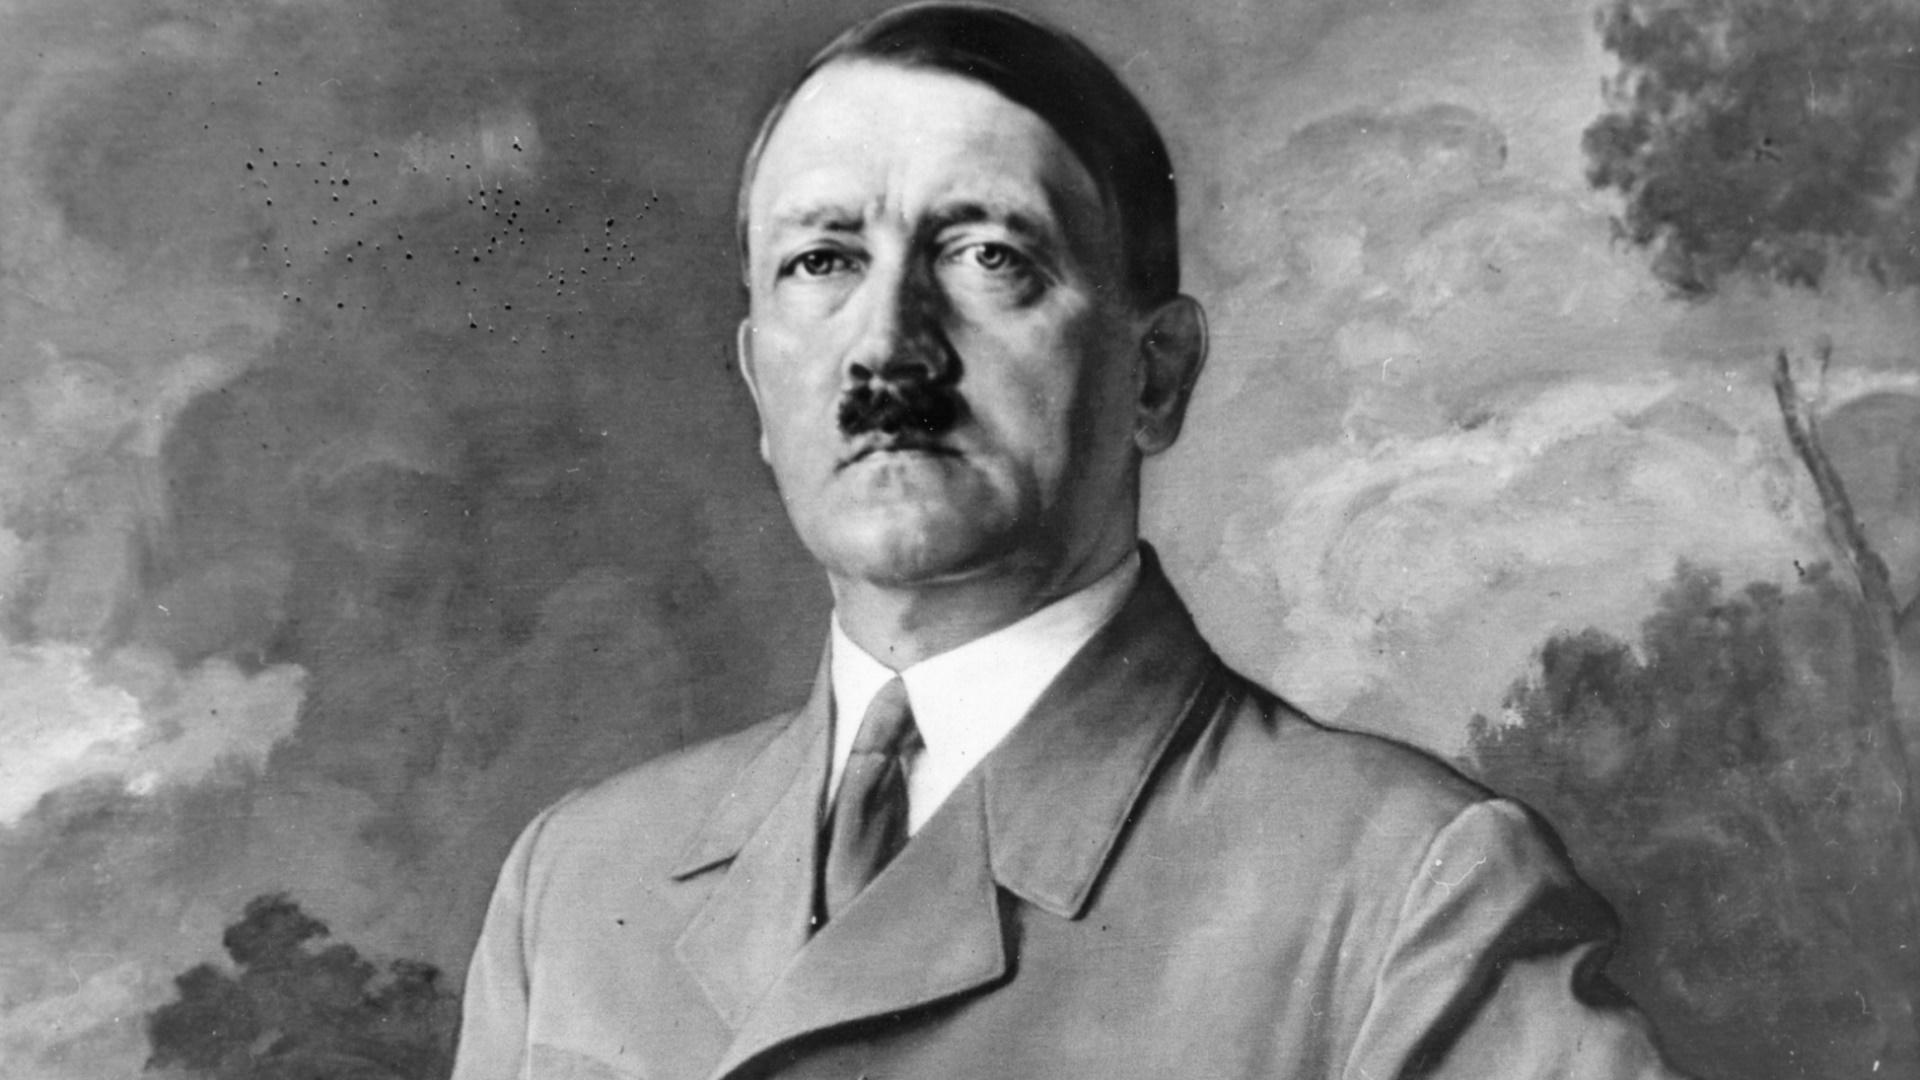 Adolf Hitler a umění: Co vůdce Třetí říše plánoval a jak to nakonec dopadlo?